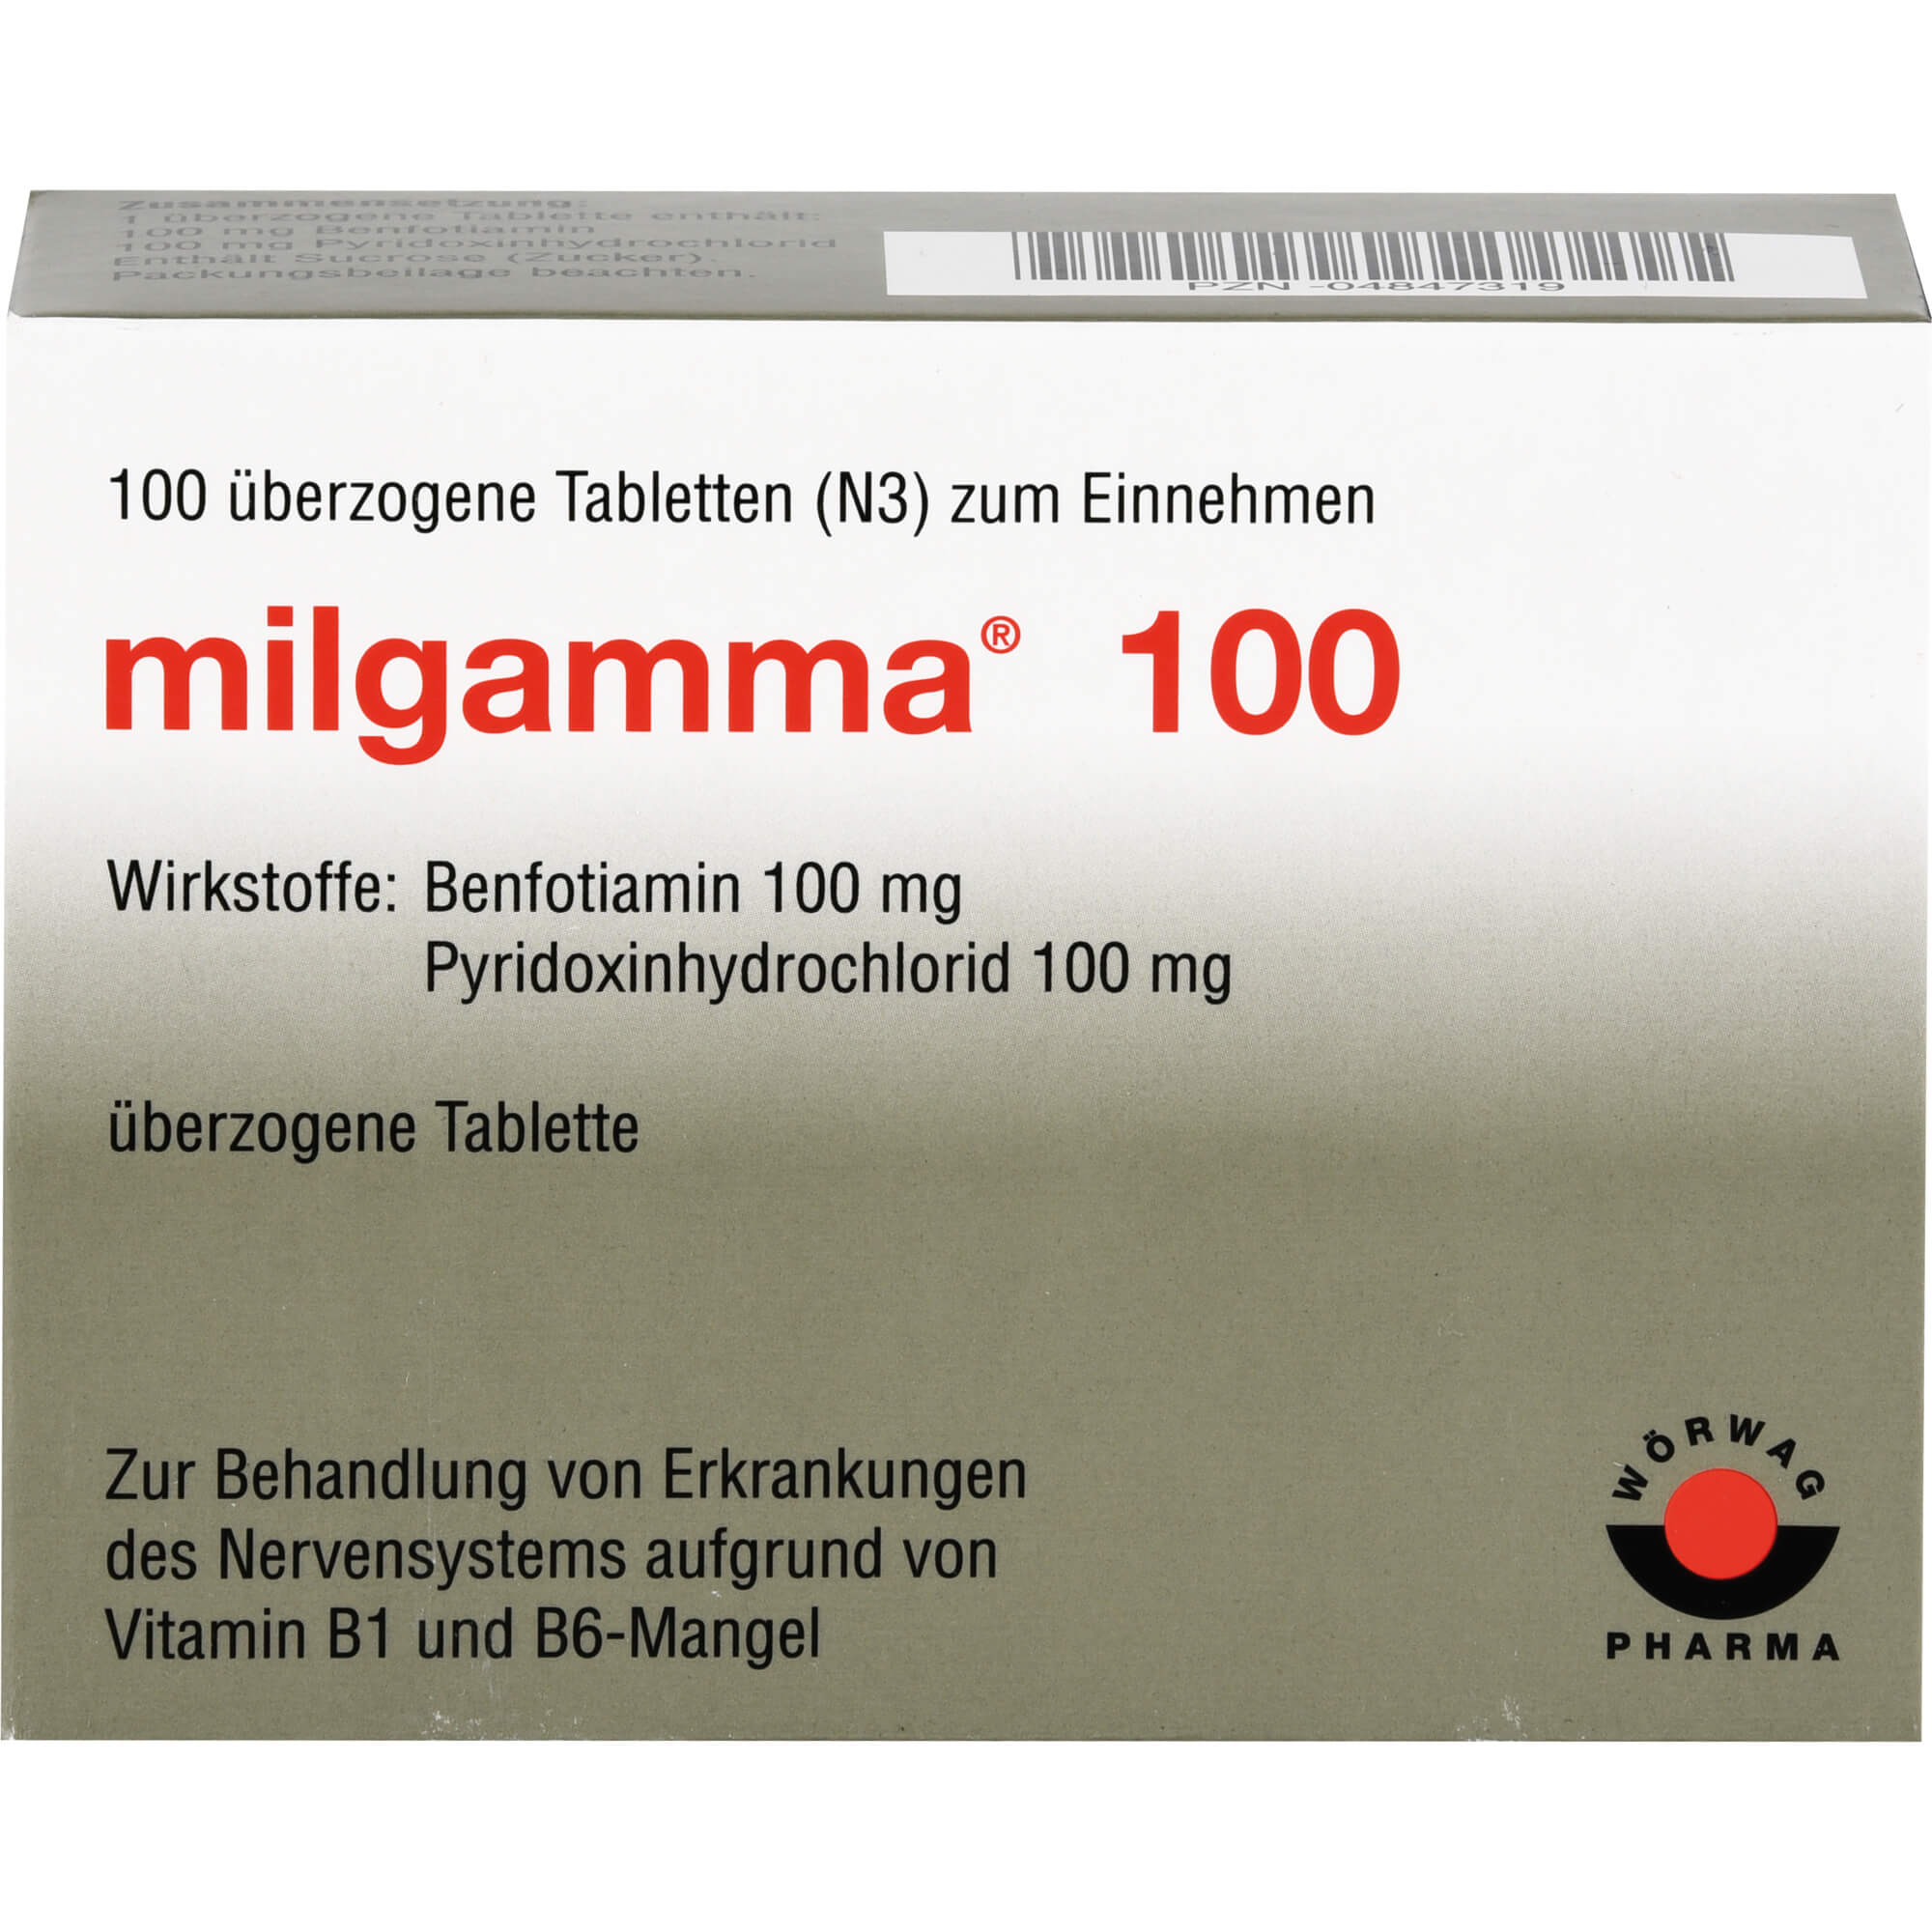 MILGAMMA-100-mg-ueberzogene-Tabletten